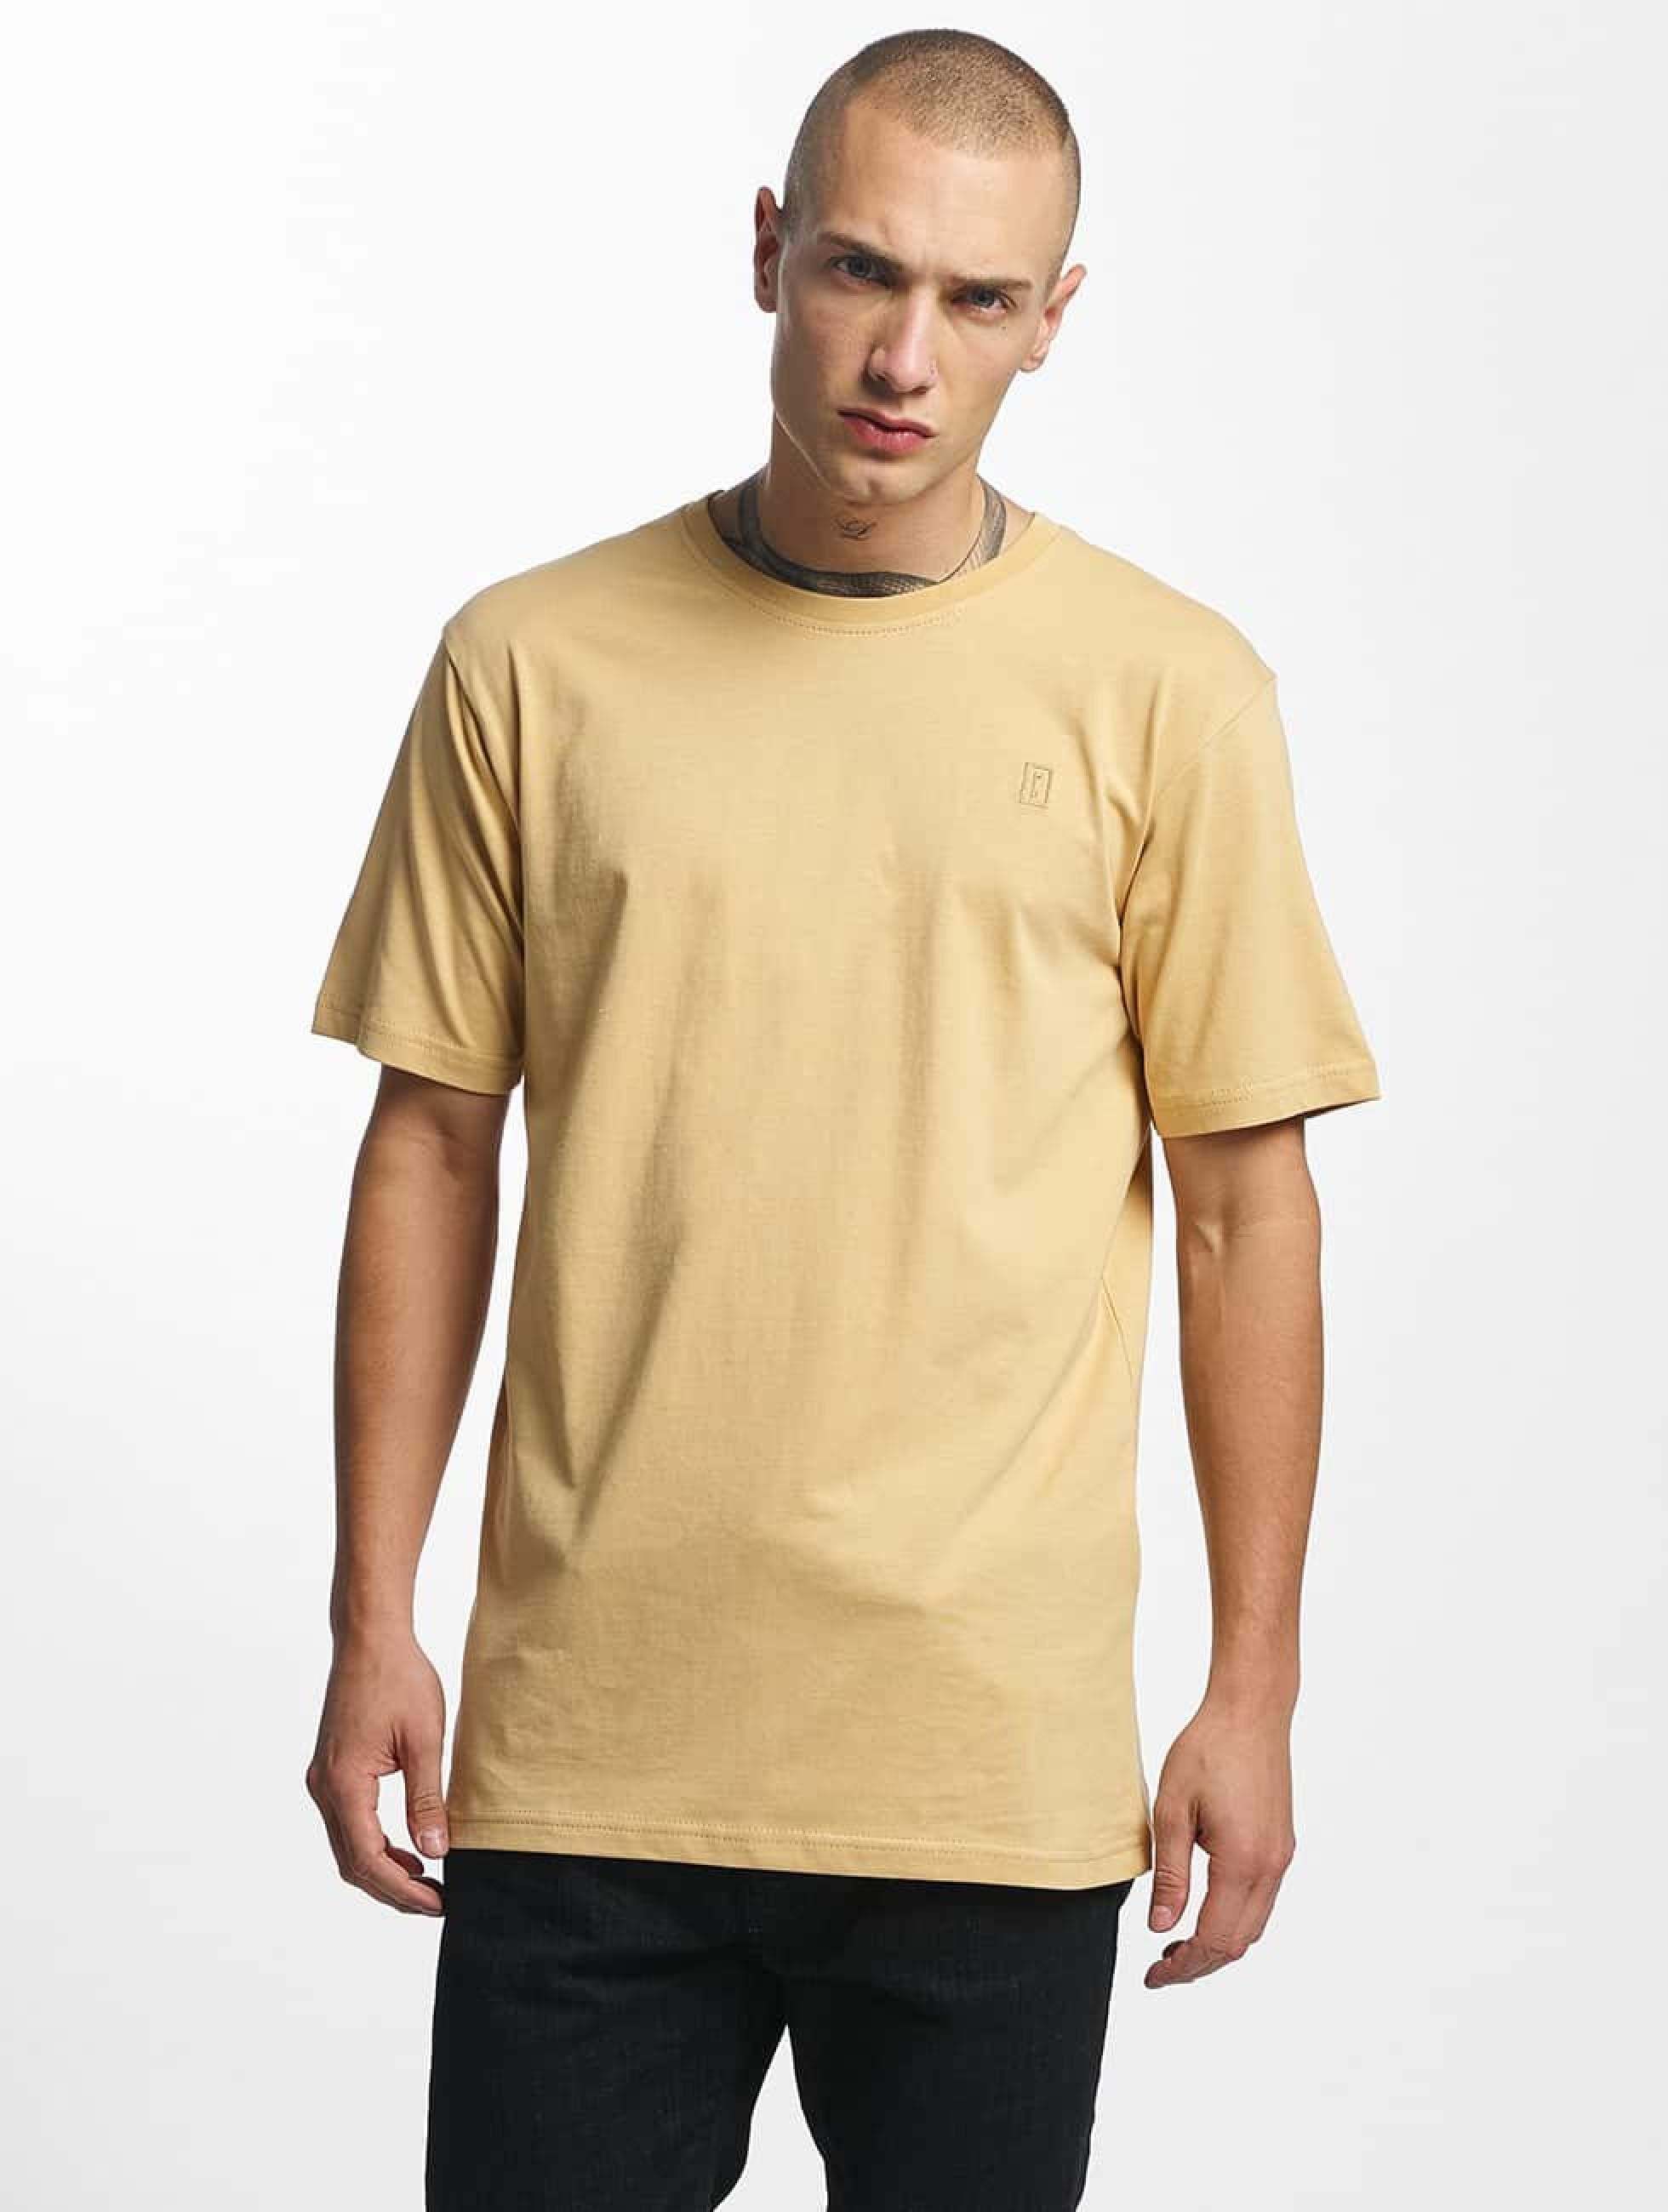 Cyprime / T-Shirt Titanium in beige S